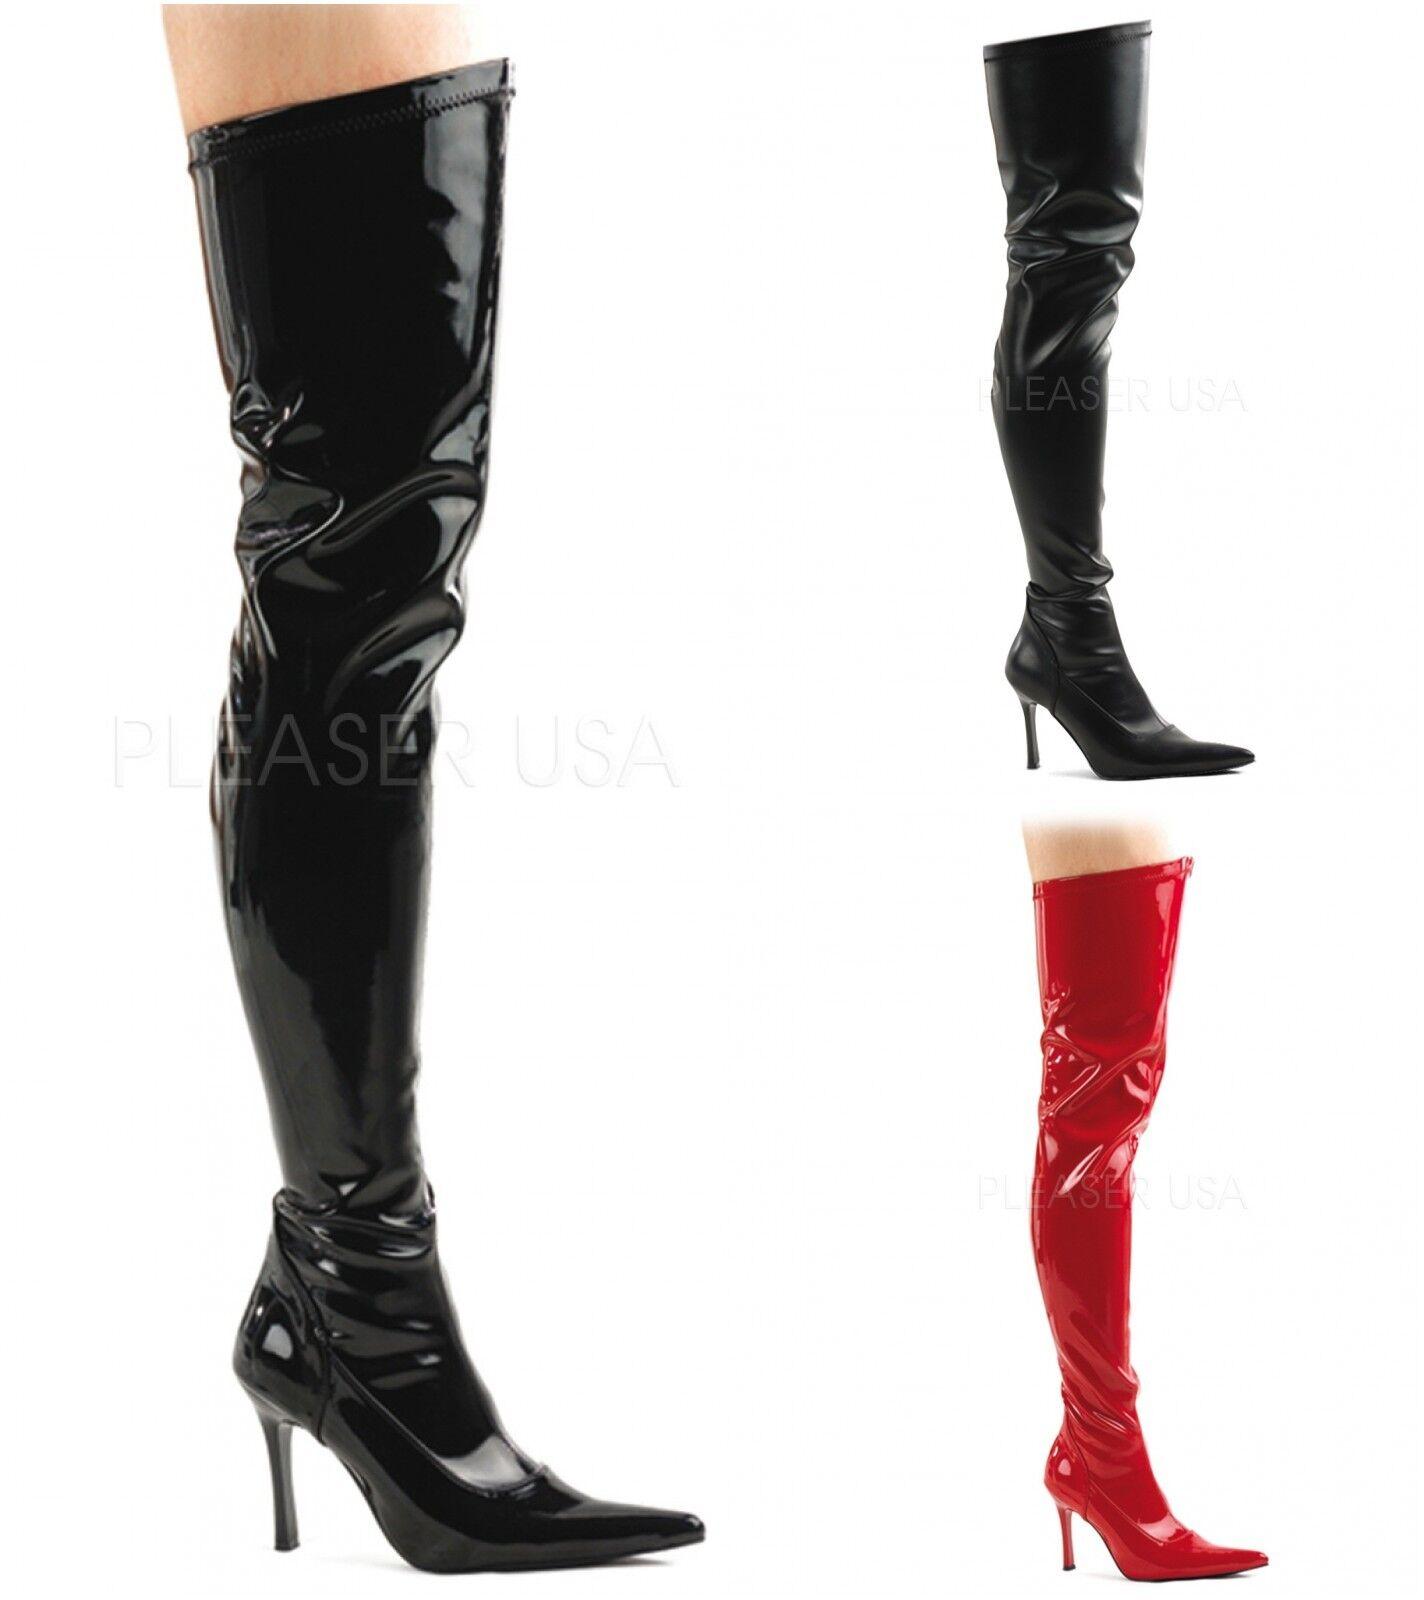 Pleaser Funtasma lujuria - 3000 botas Stretch Vestido Elegante botas 3000 de alto del muslo 7d6f34